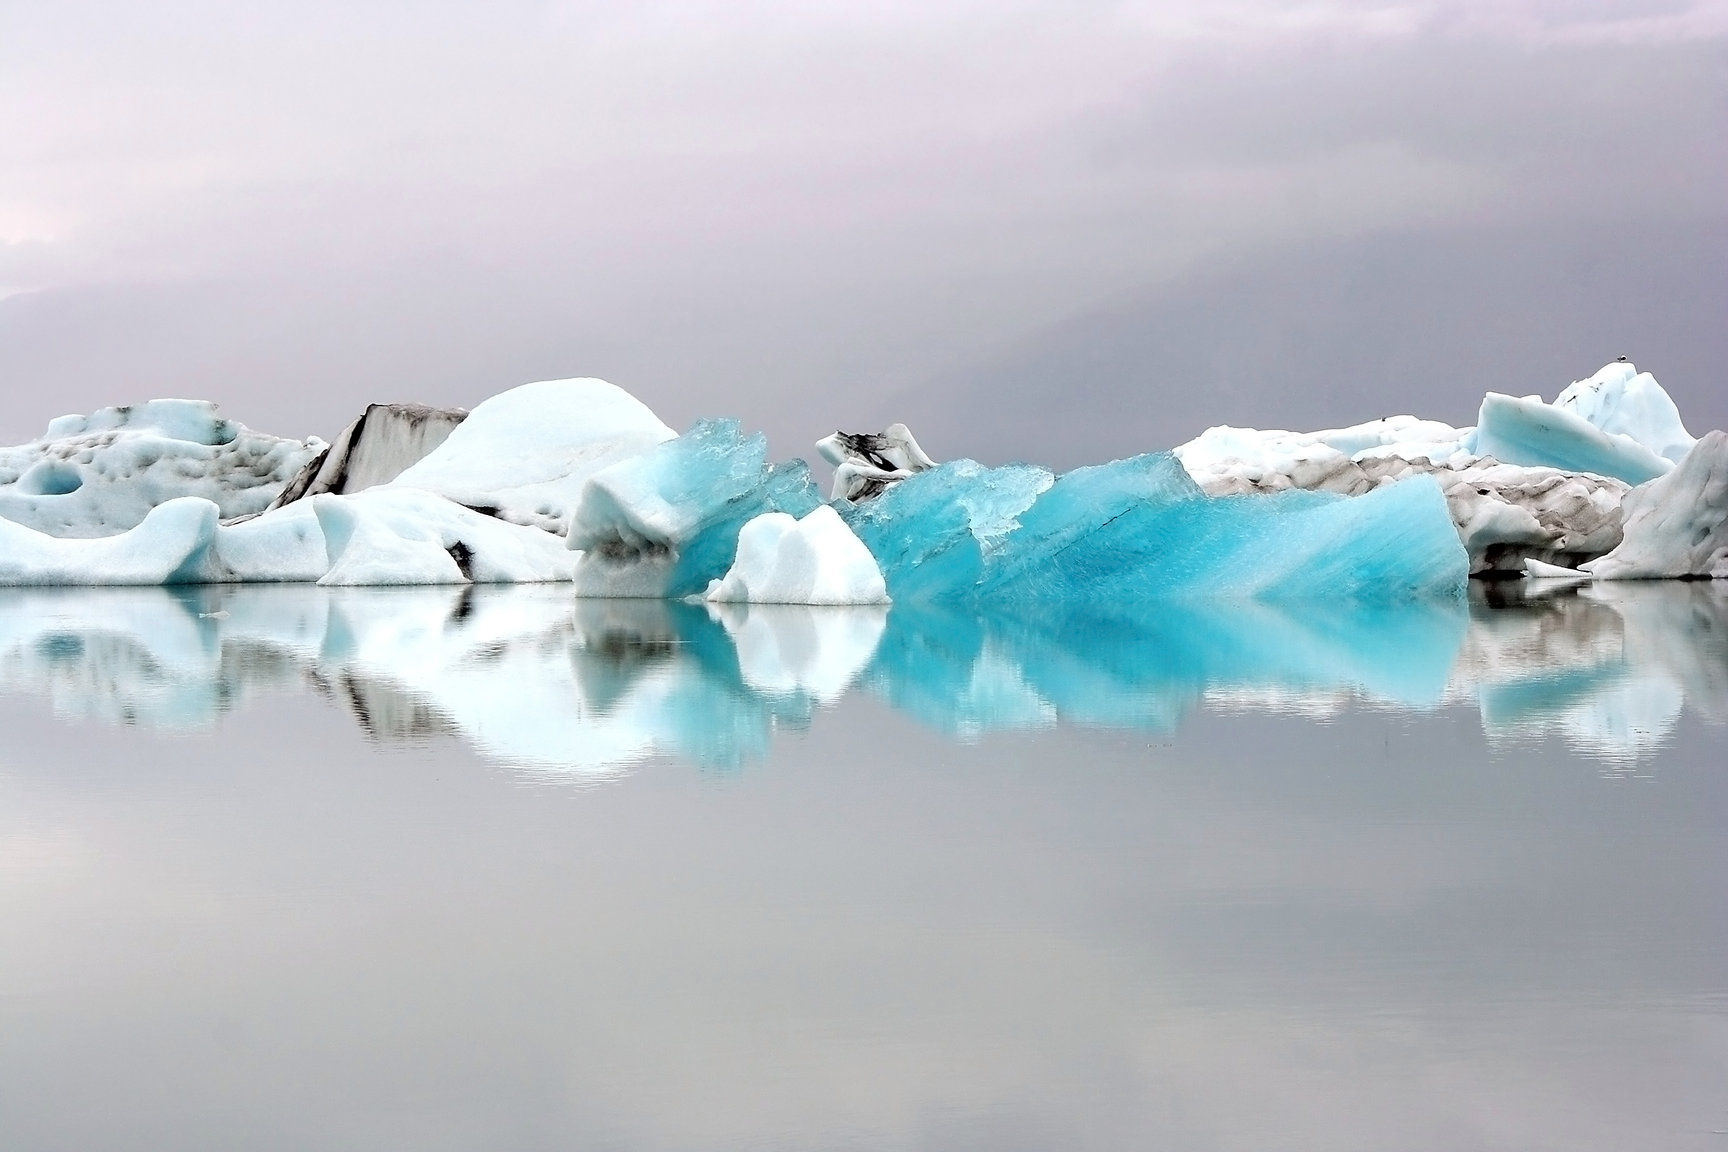 Tour de 3 días a Jökulsárlón   Paseo en barco, Círculo Dorado, Costa Sur y senderismo en el glaciar - day 3